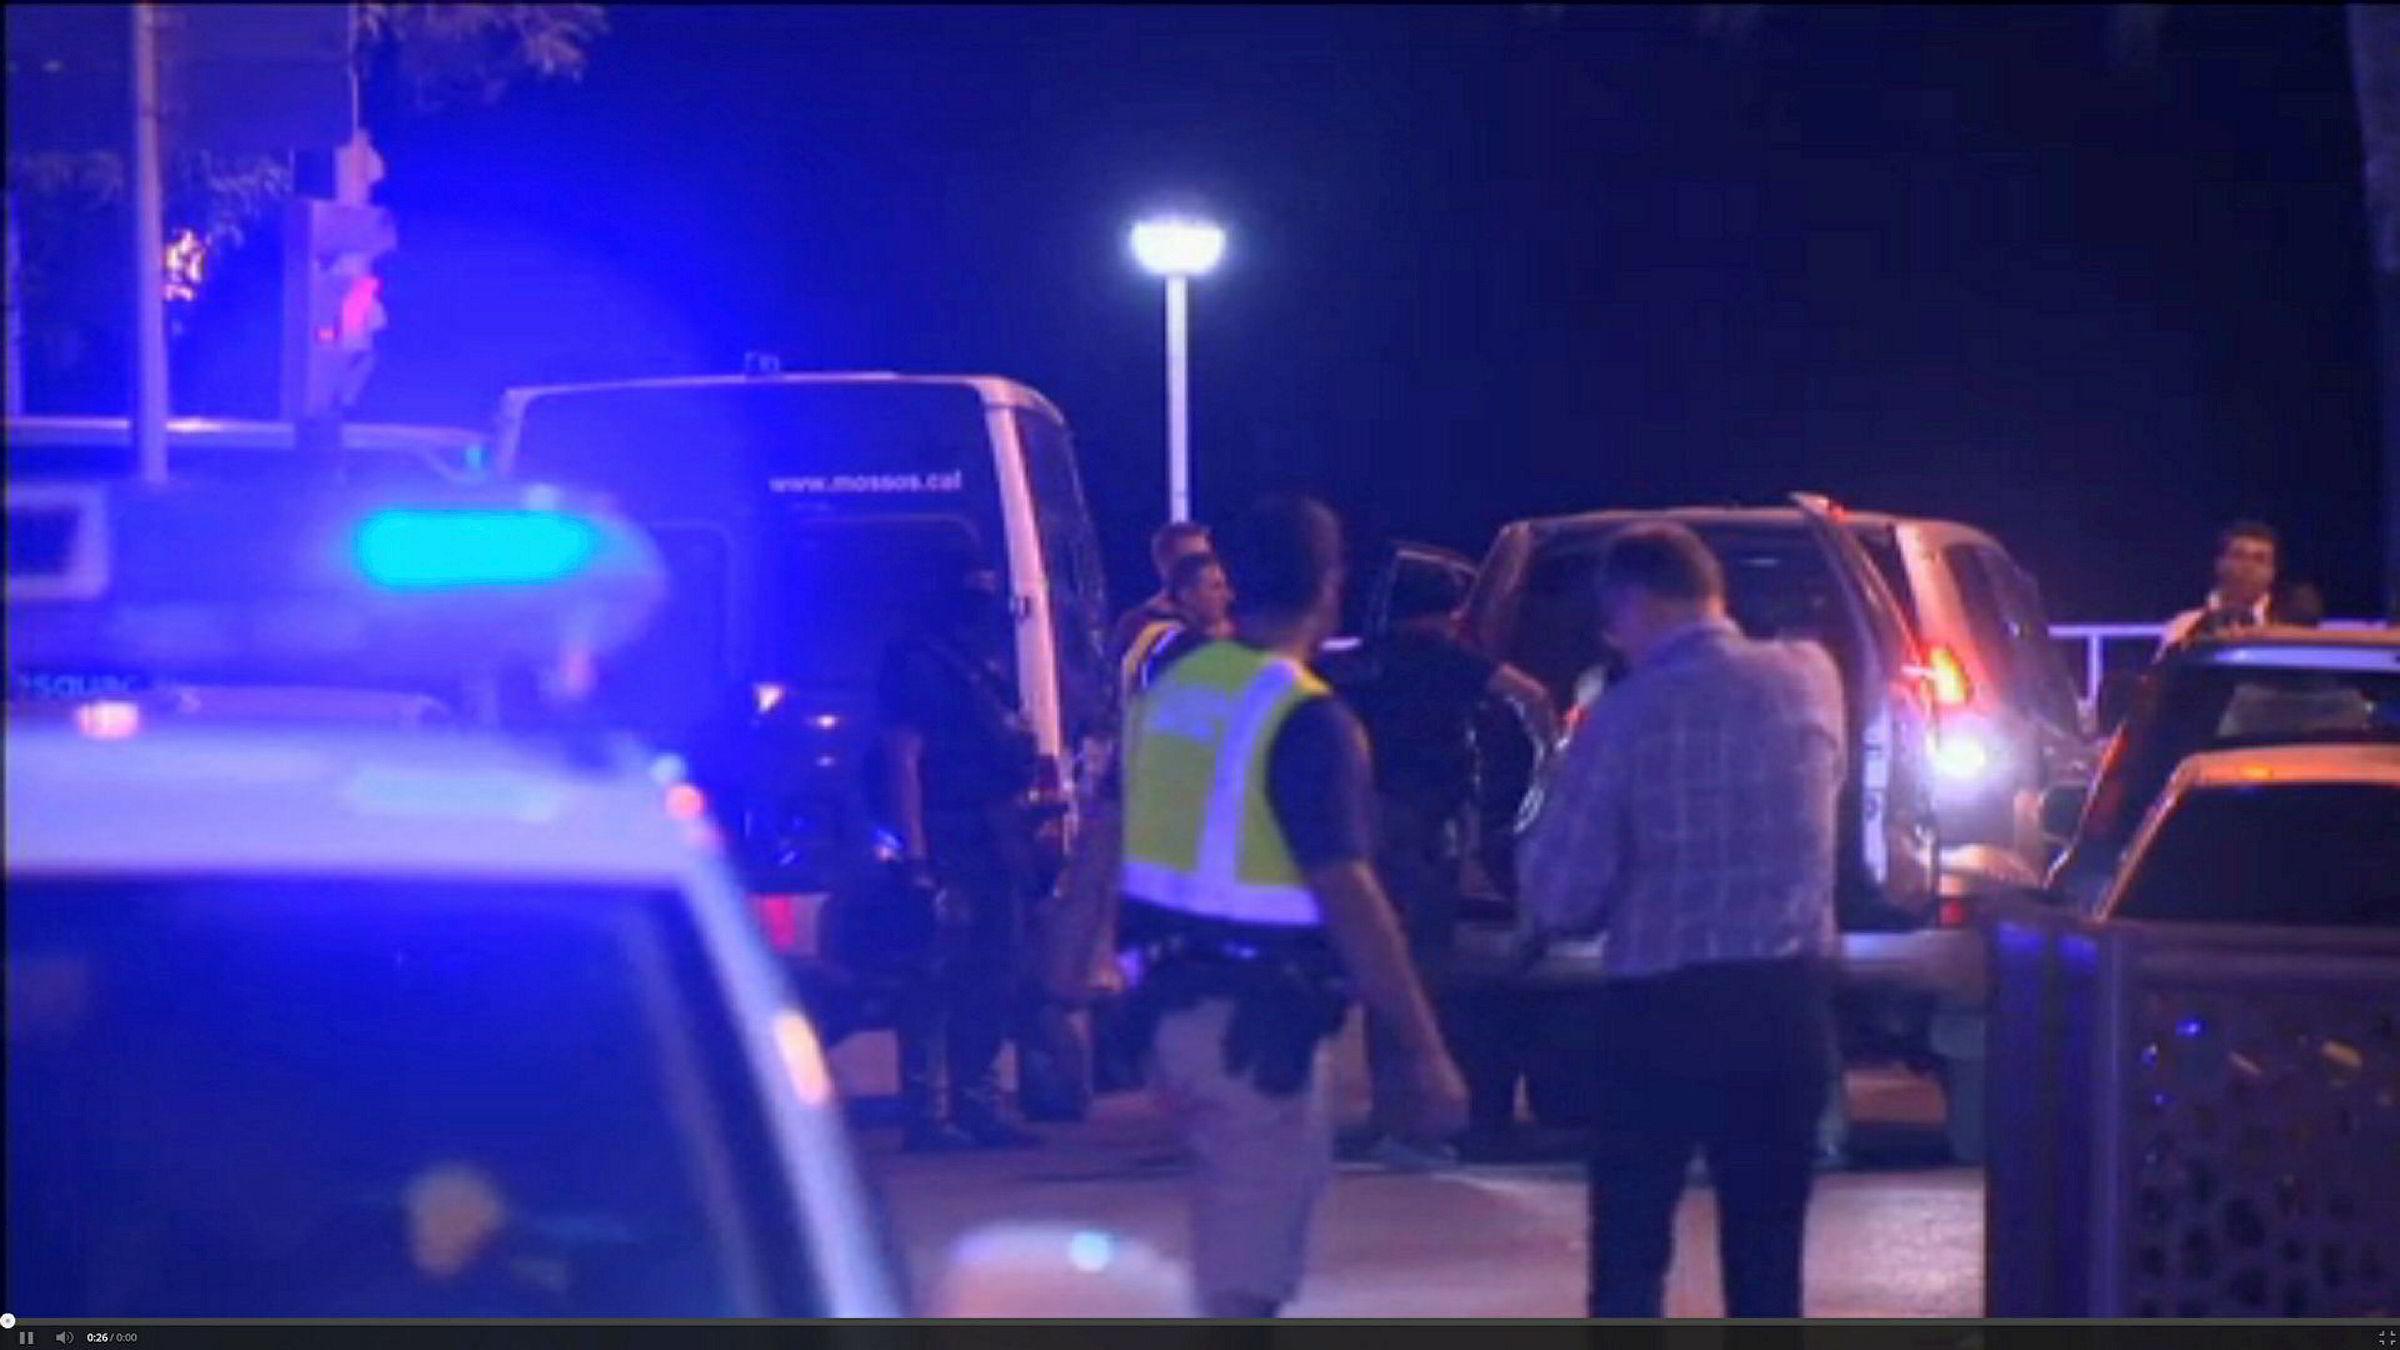 Politiet undersøker området der de skal ha drept fem angripere natt til fredag.